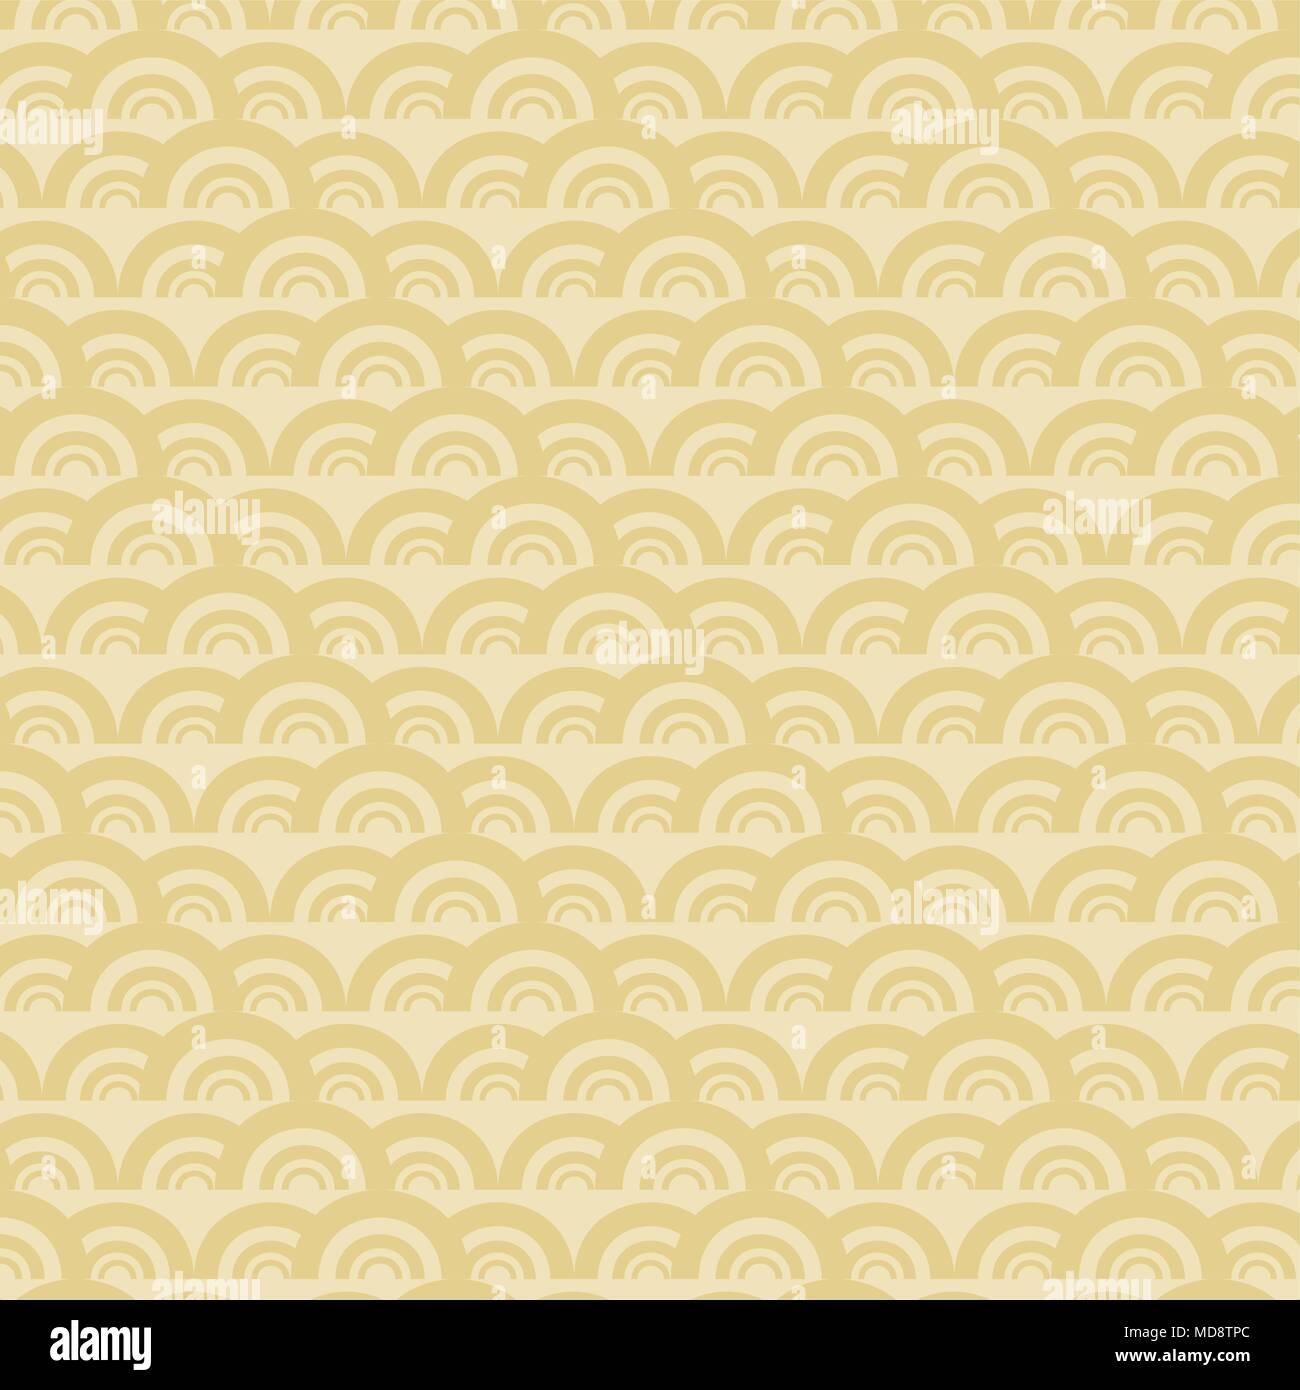 Sfondo con forme circolari design colorato. illustrazione vettoriale Immagini Stock